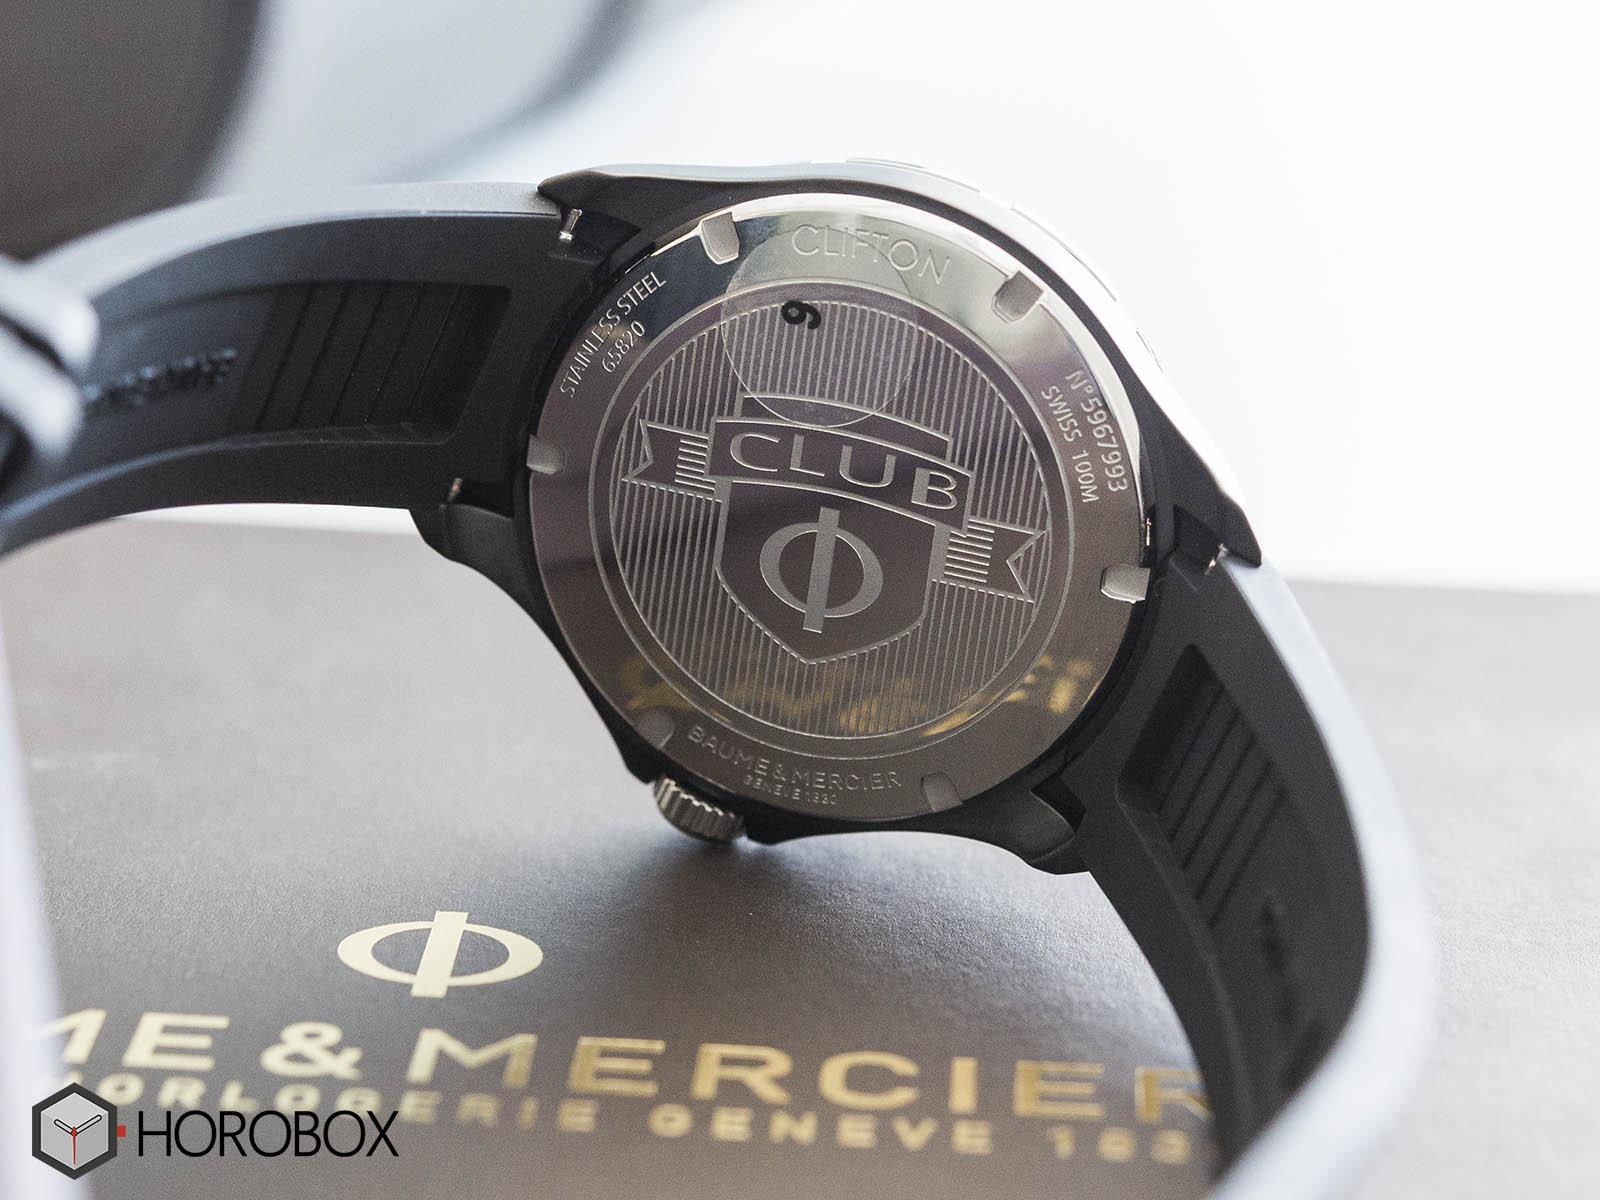 baume-mercier-clifton-club-10339-7-.jpg